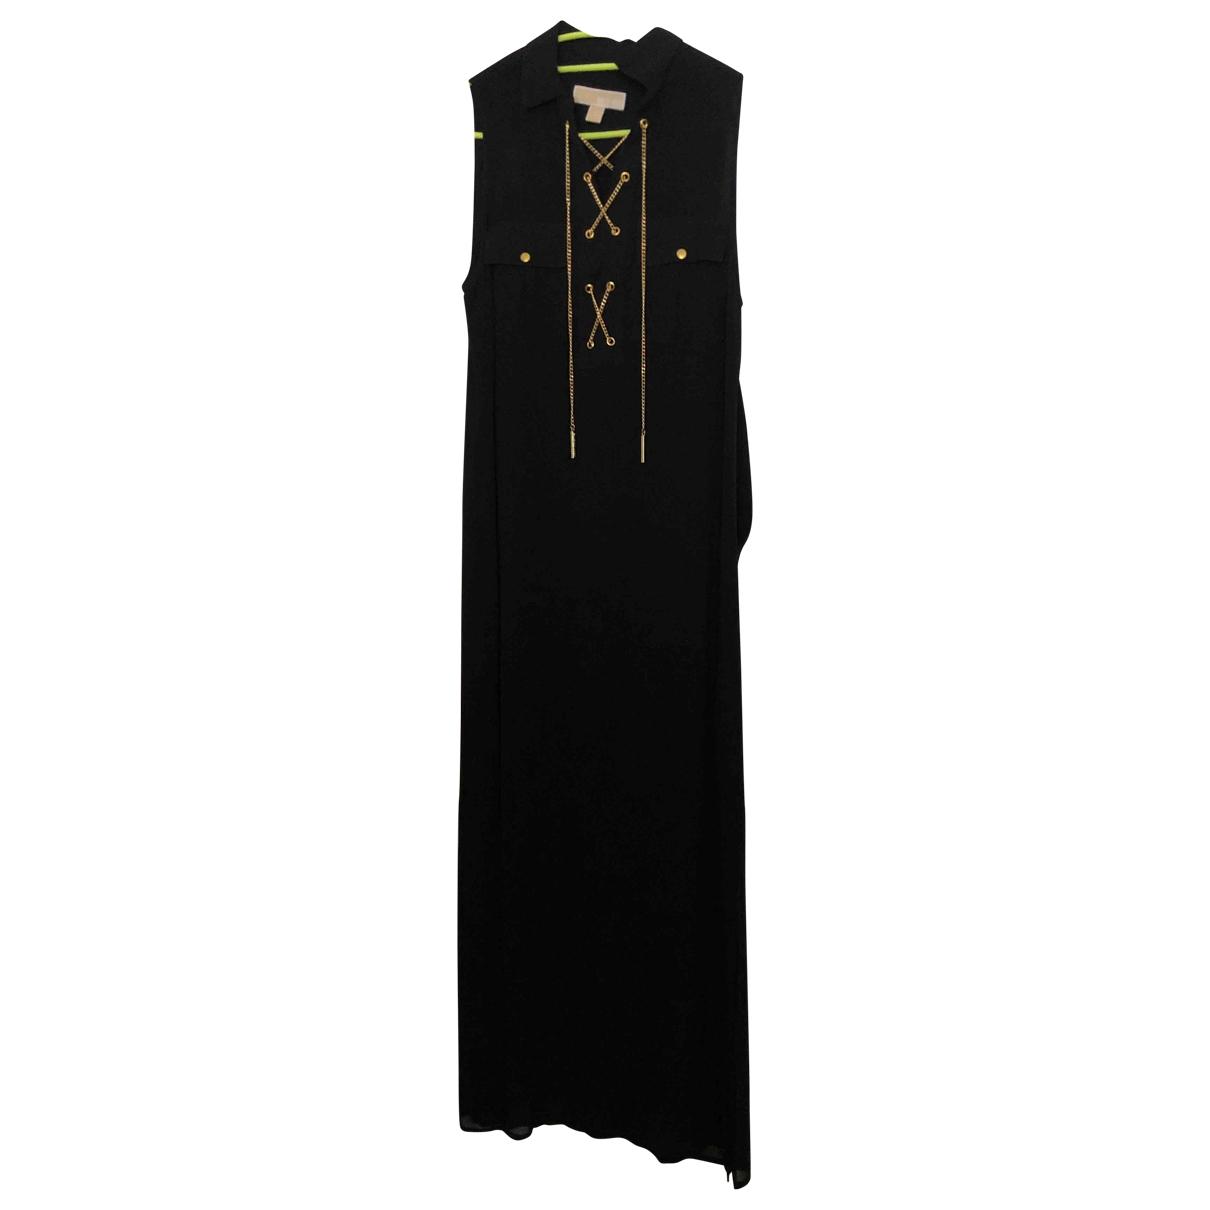 Michael Kors \N Kleid in  Schwarz Baumwolle - Elasthan